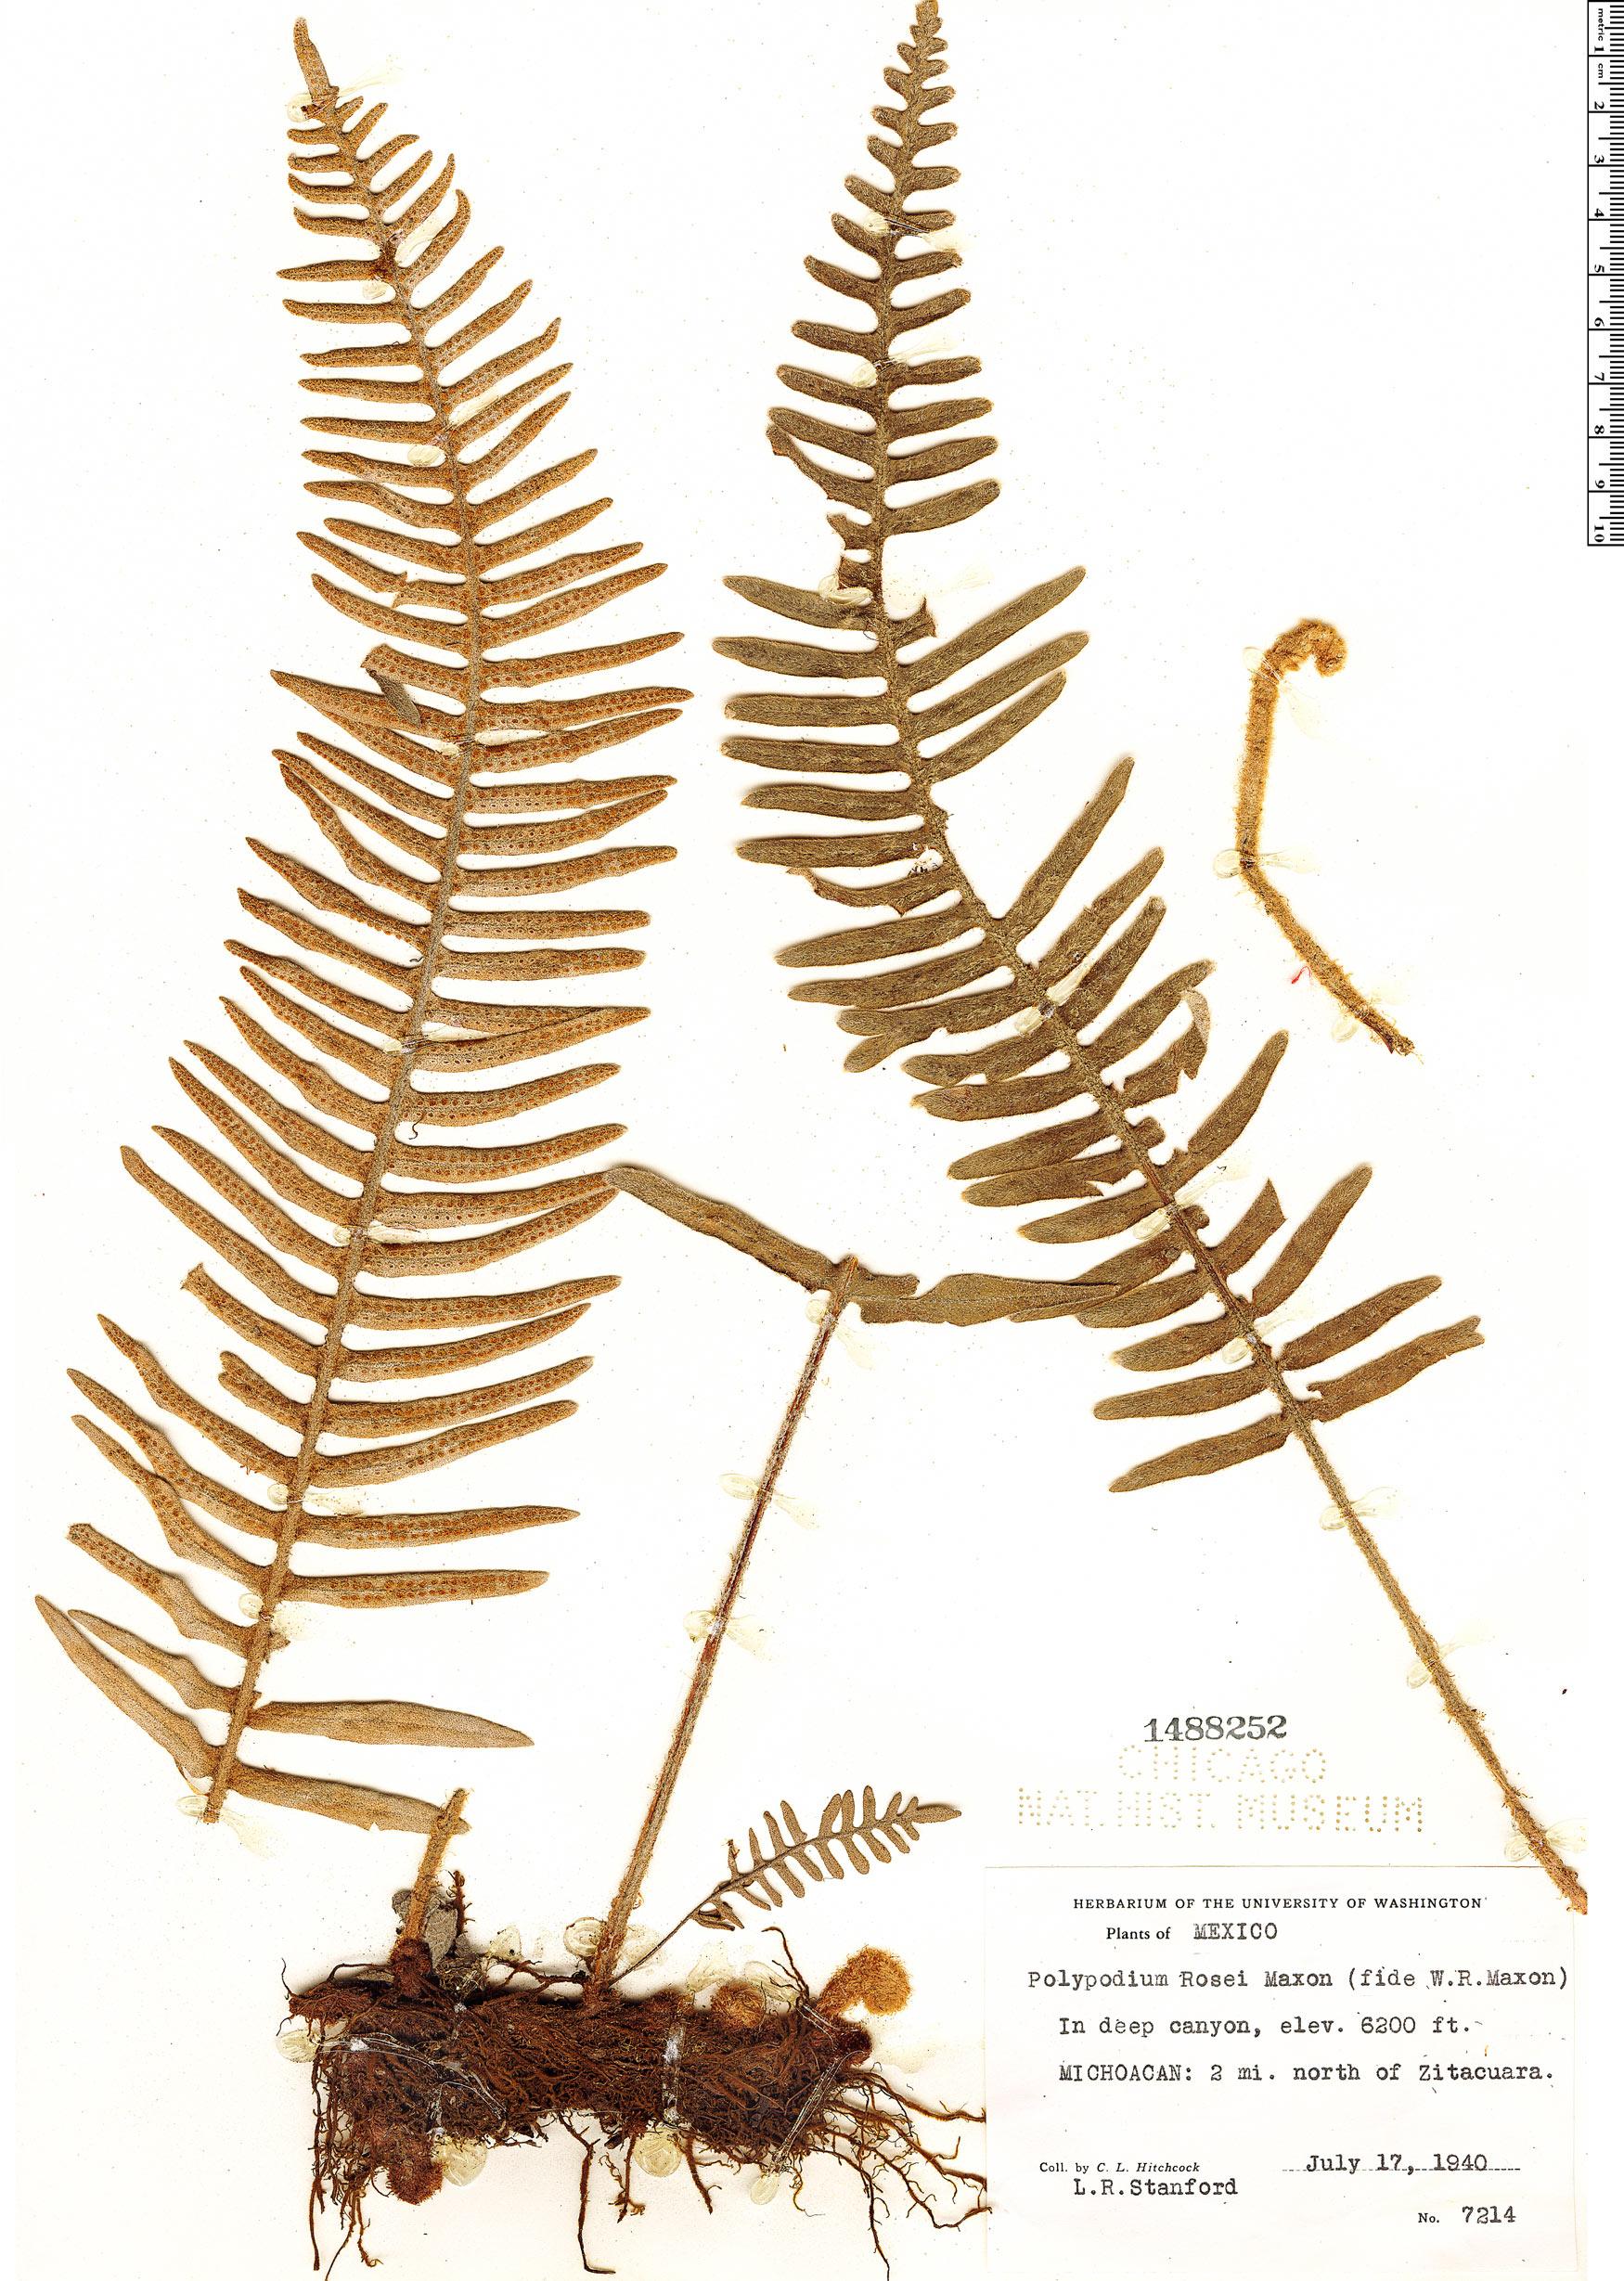 Specimen: Polypodium rosei